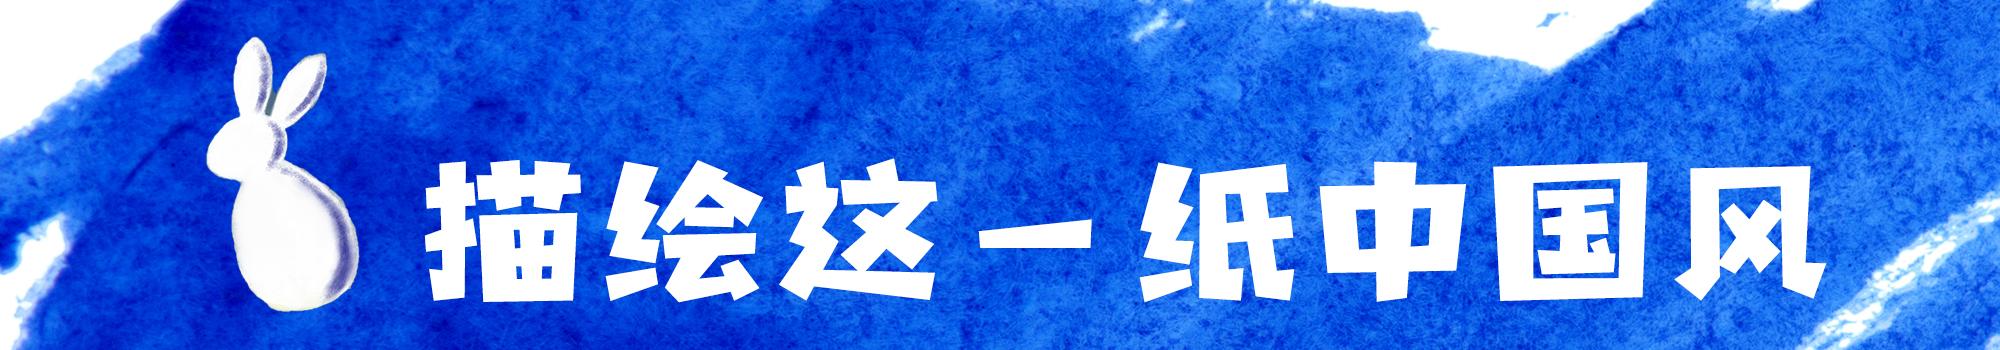 中国风.jpg